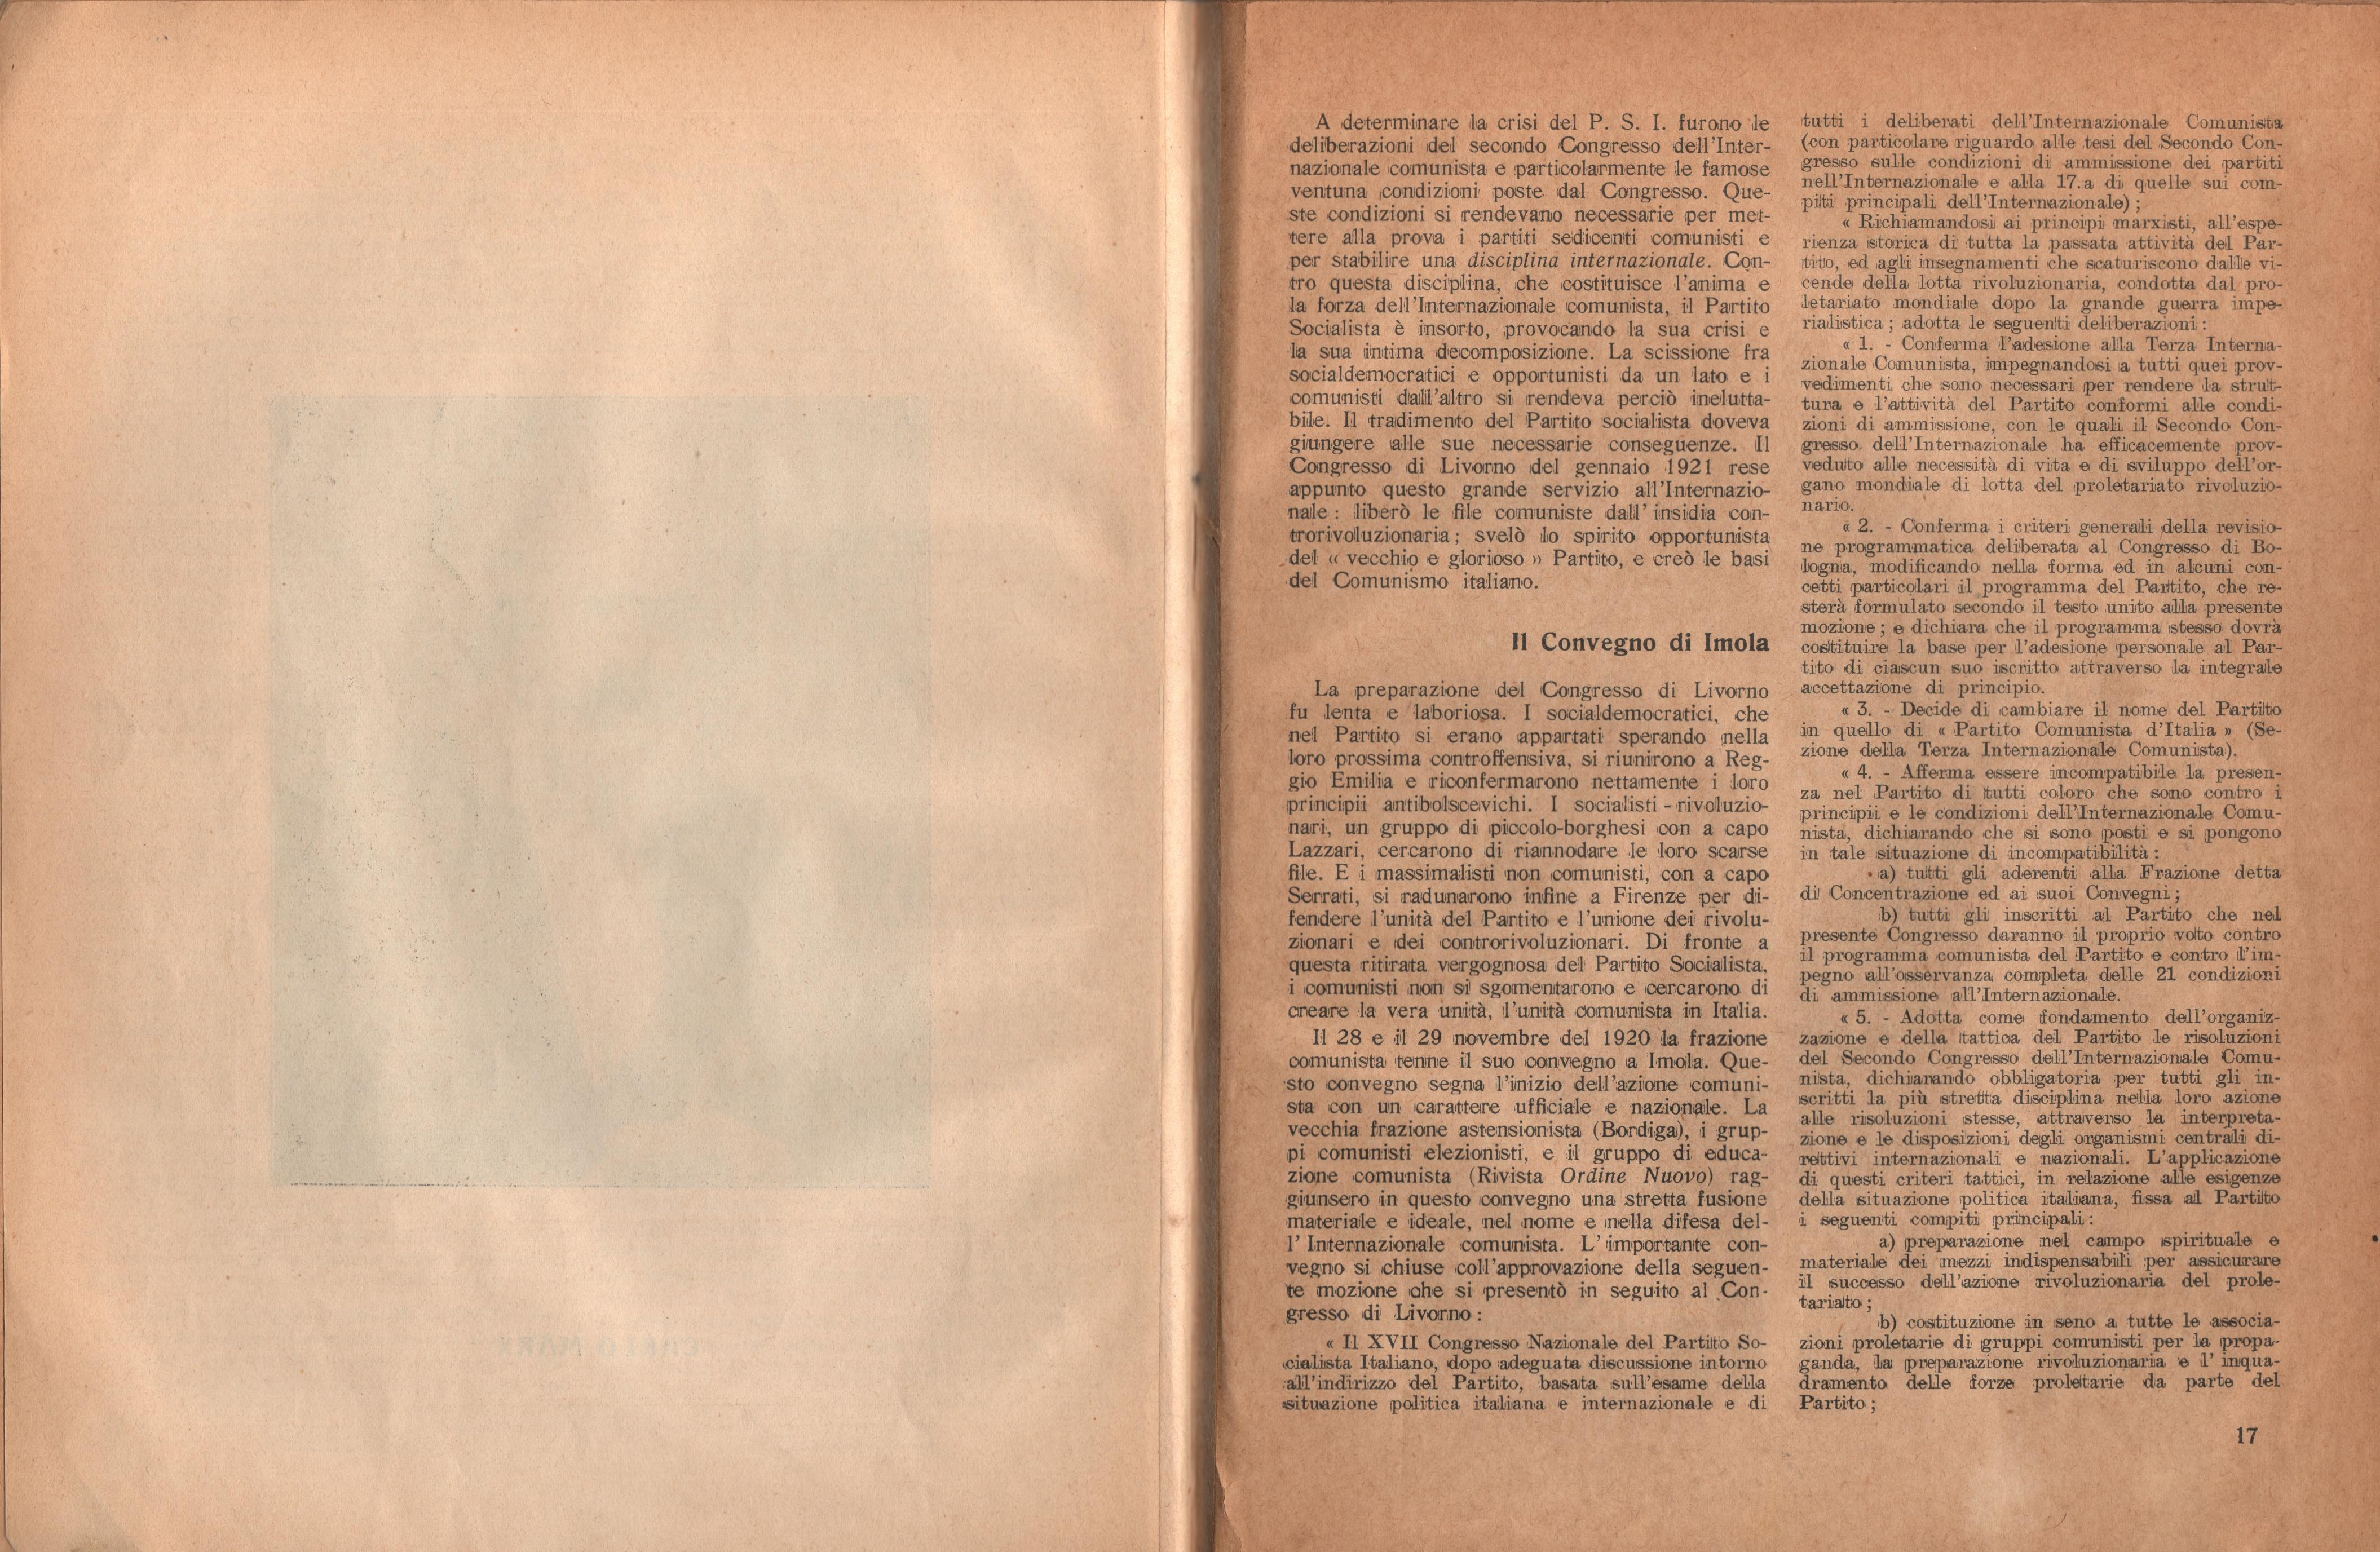 Almanacco comunista 1922 - pag. 11